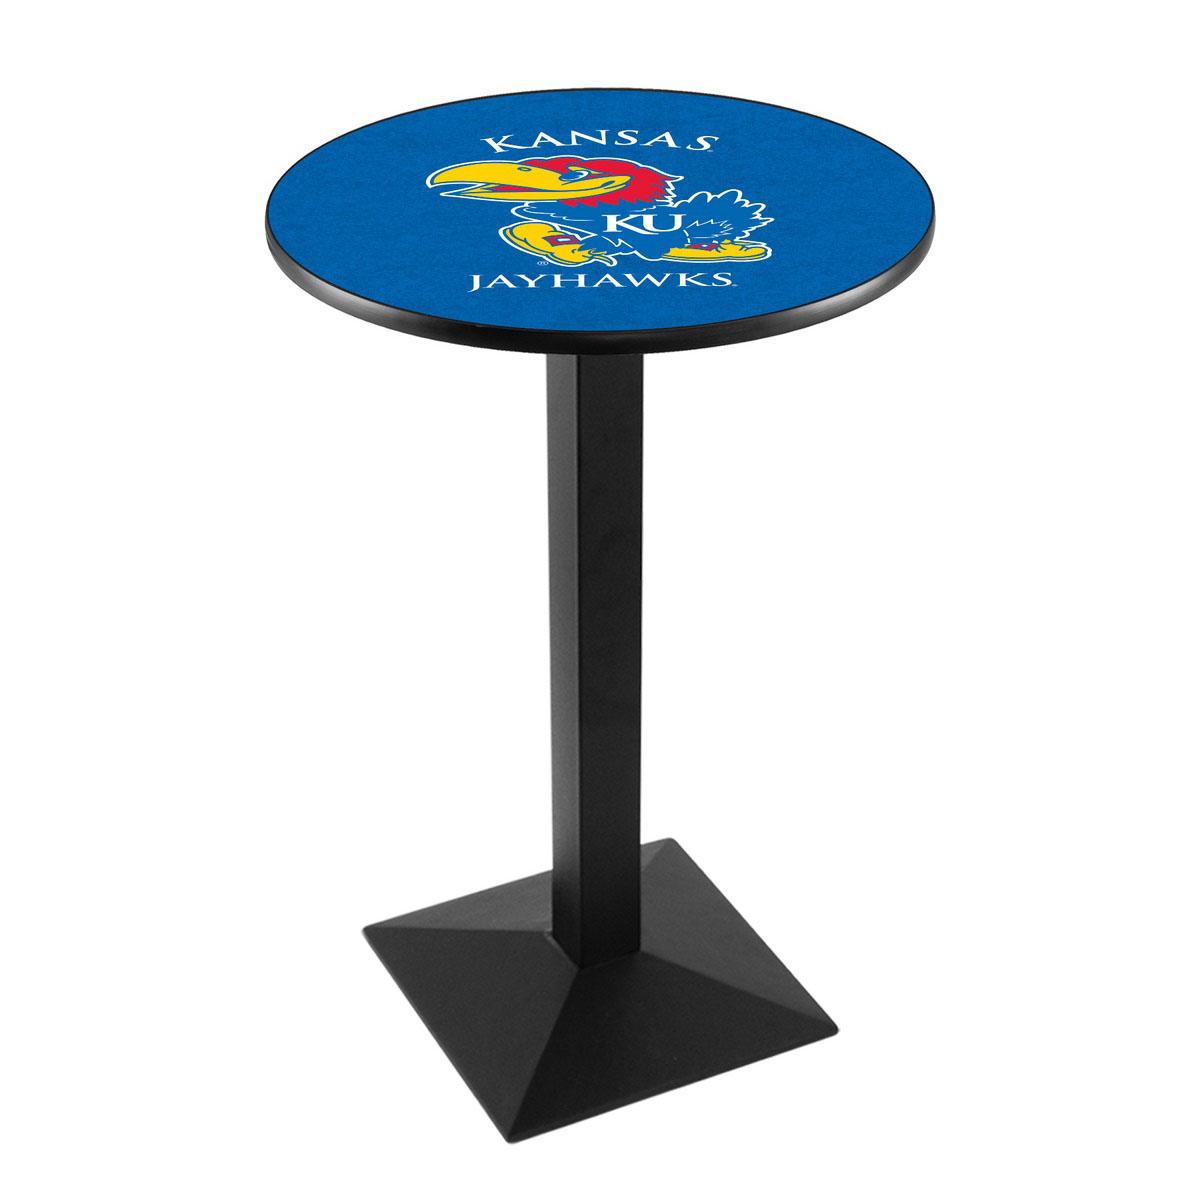 Splendid University Kansas Logo Pub Bar Table Square Stand Product Photo